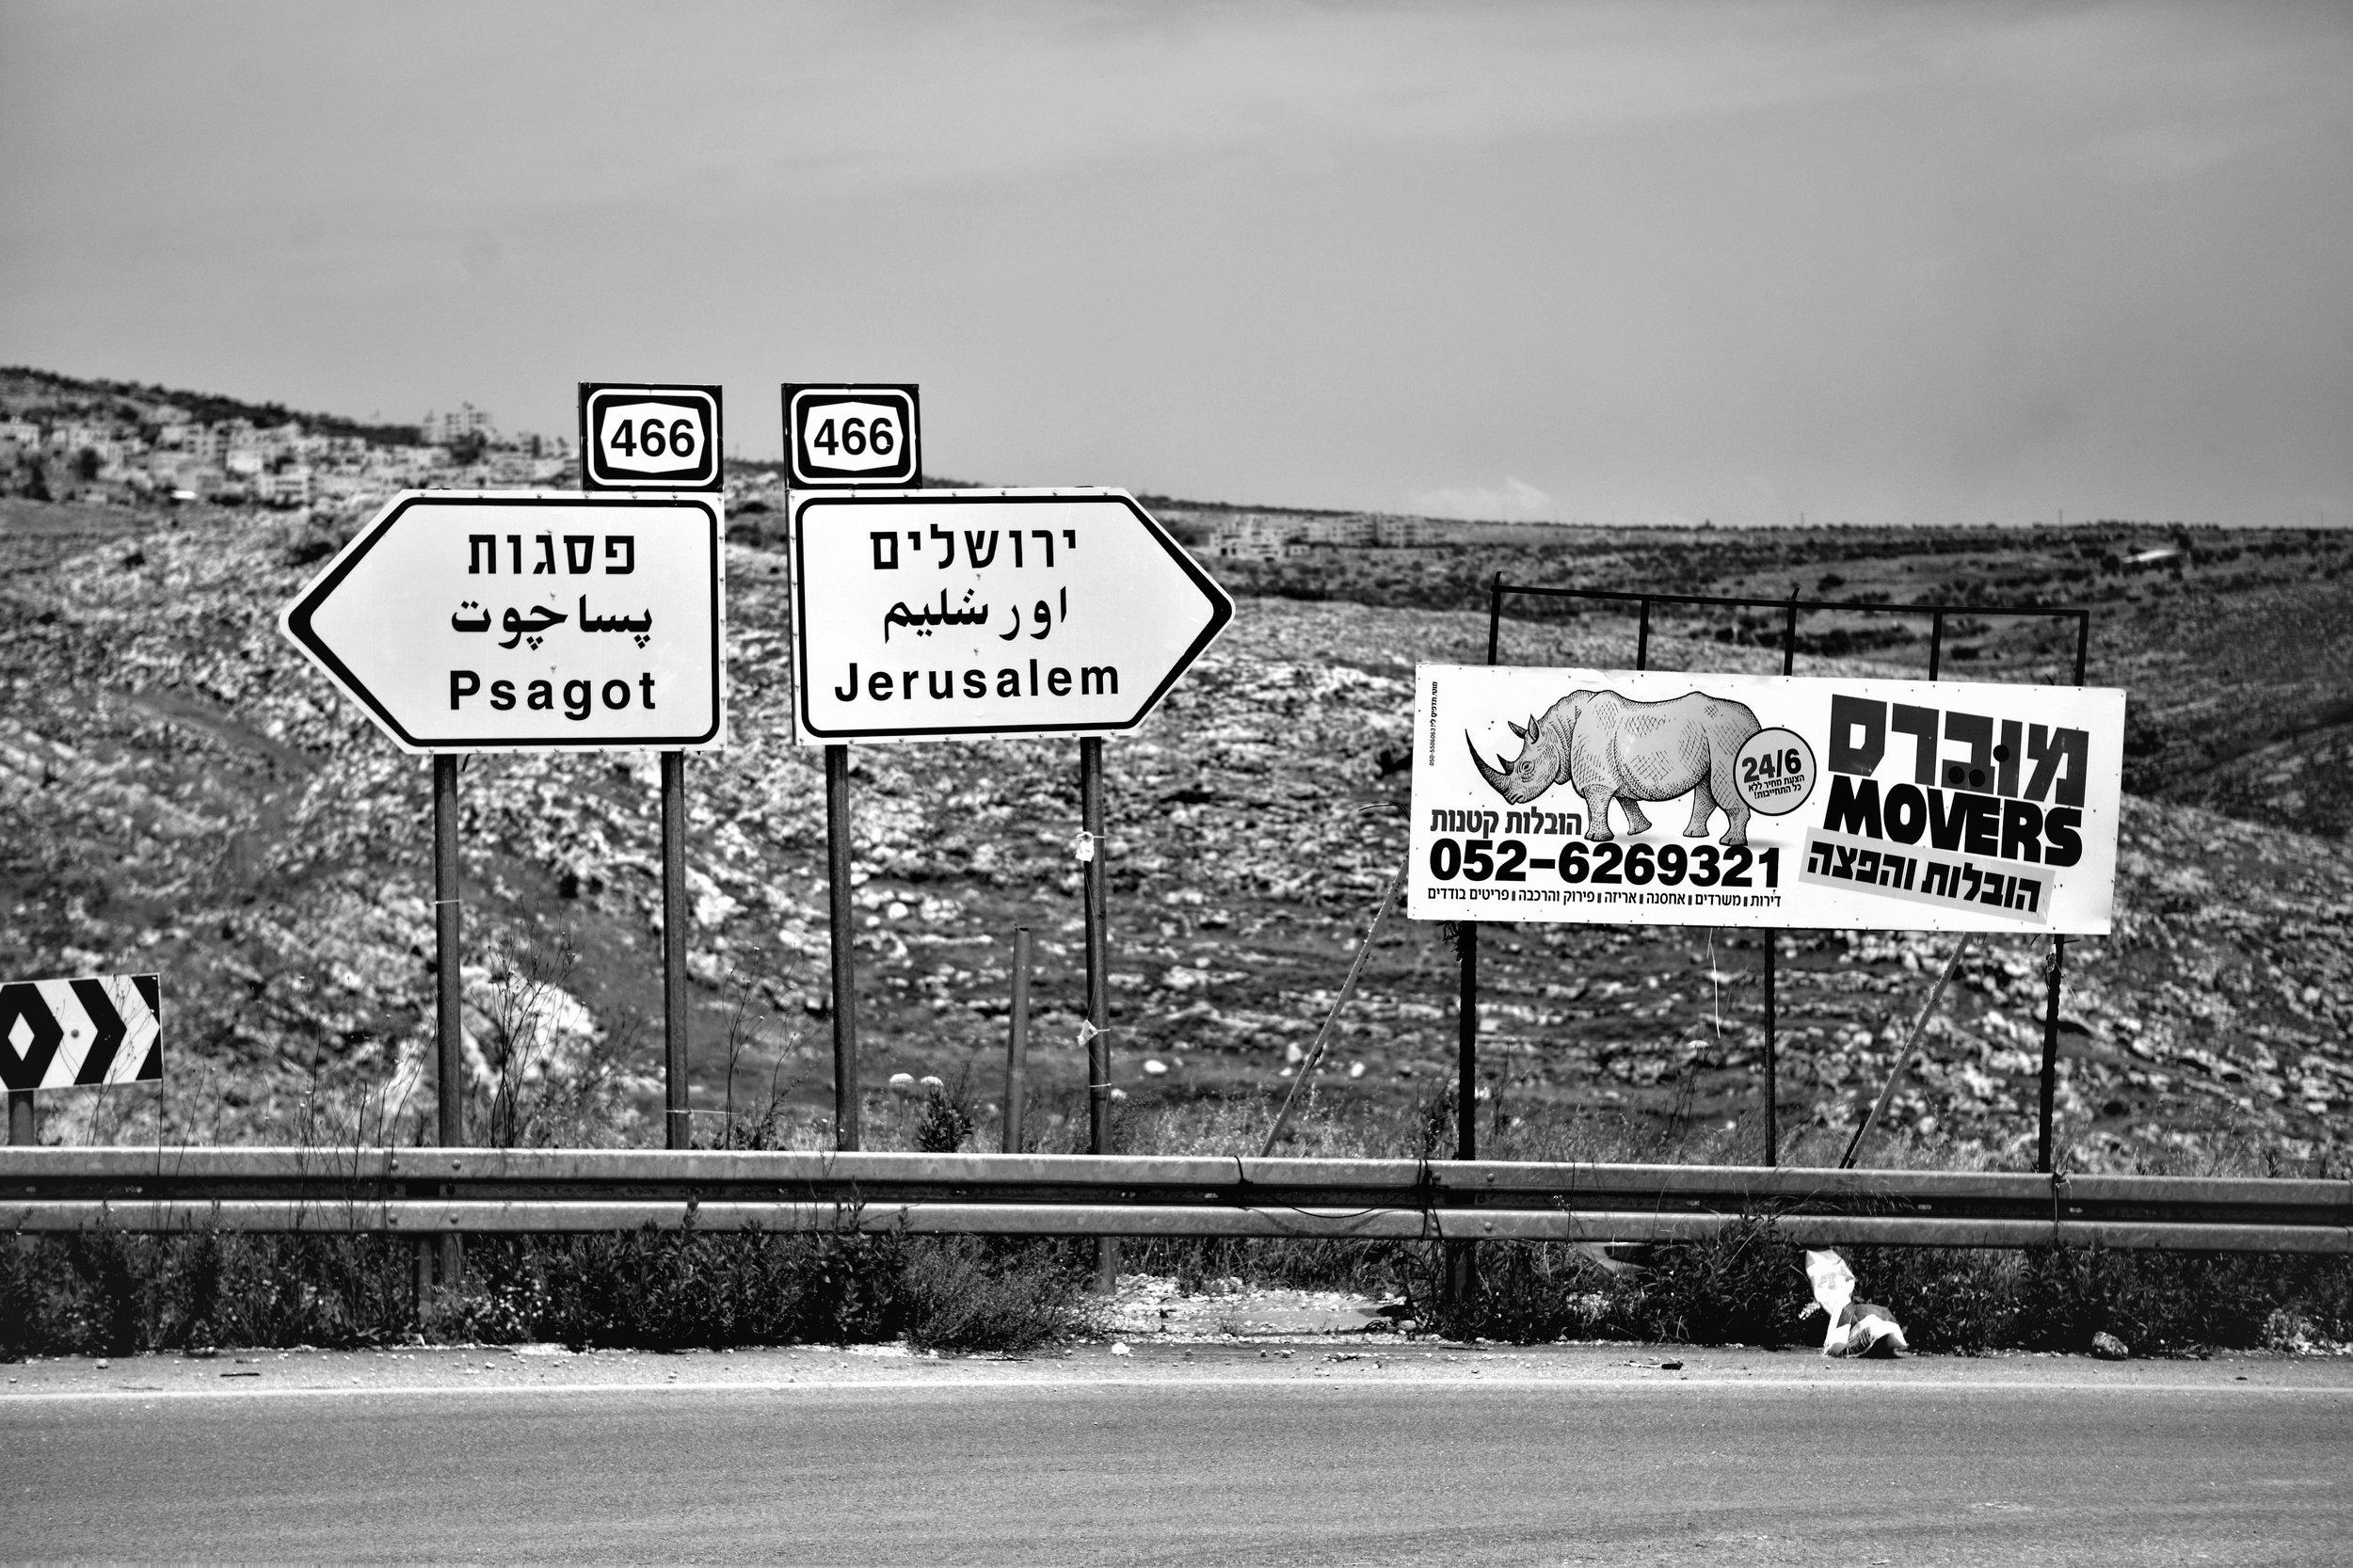 Strassenschilder auf dem Weg von Jerusalem zur Psagot Winery.